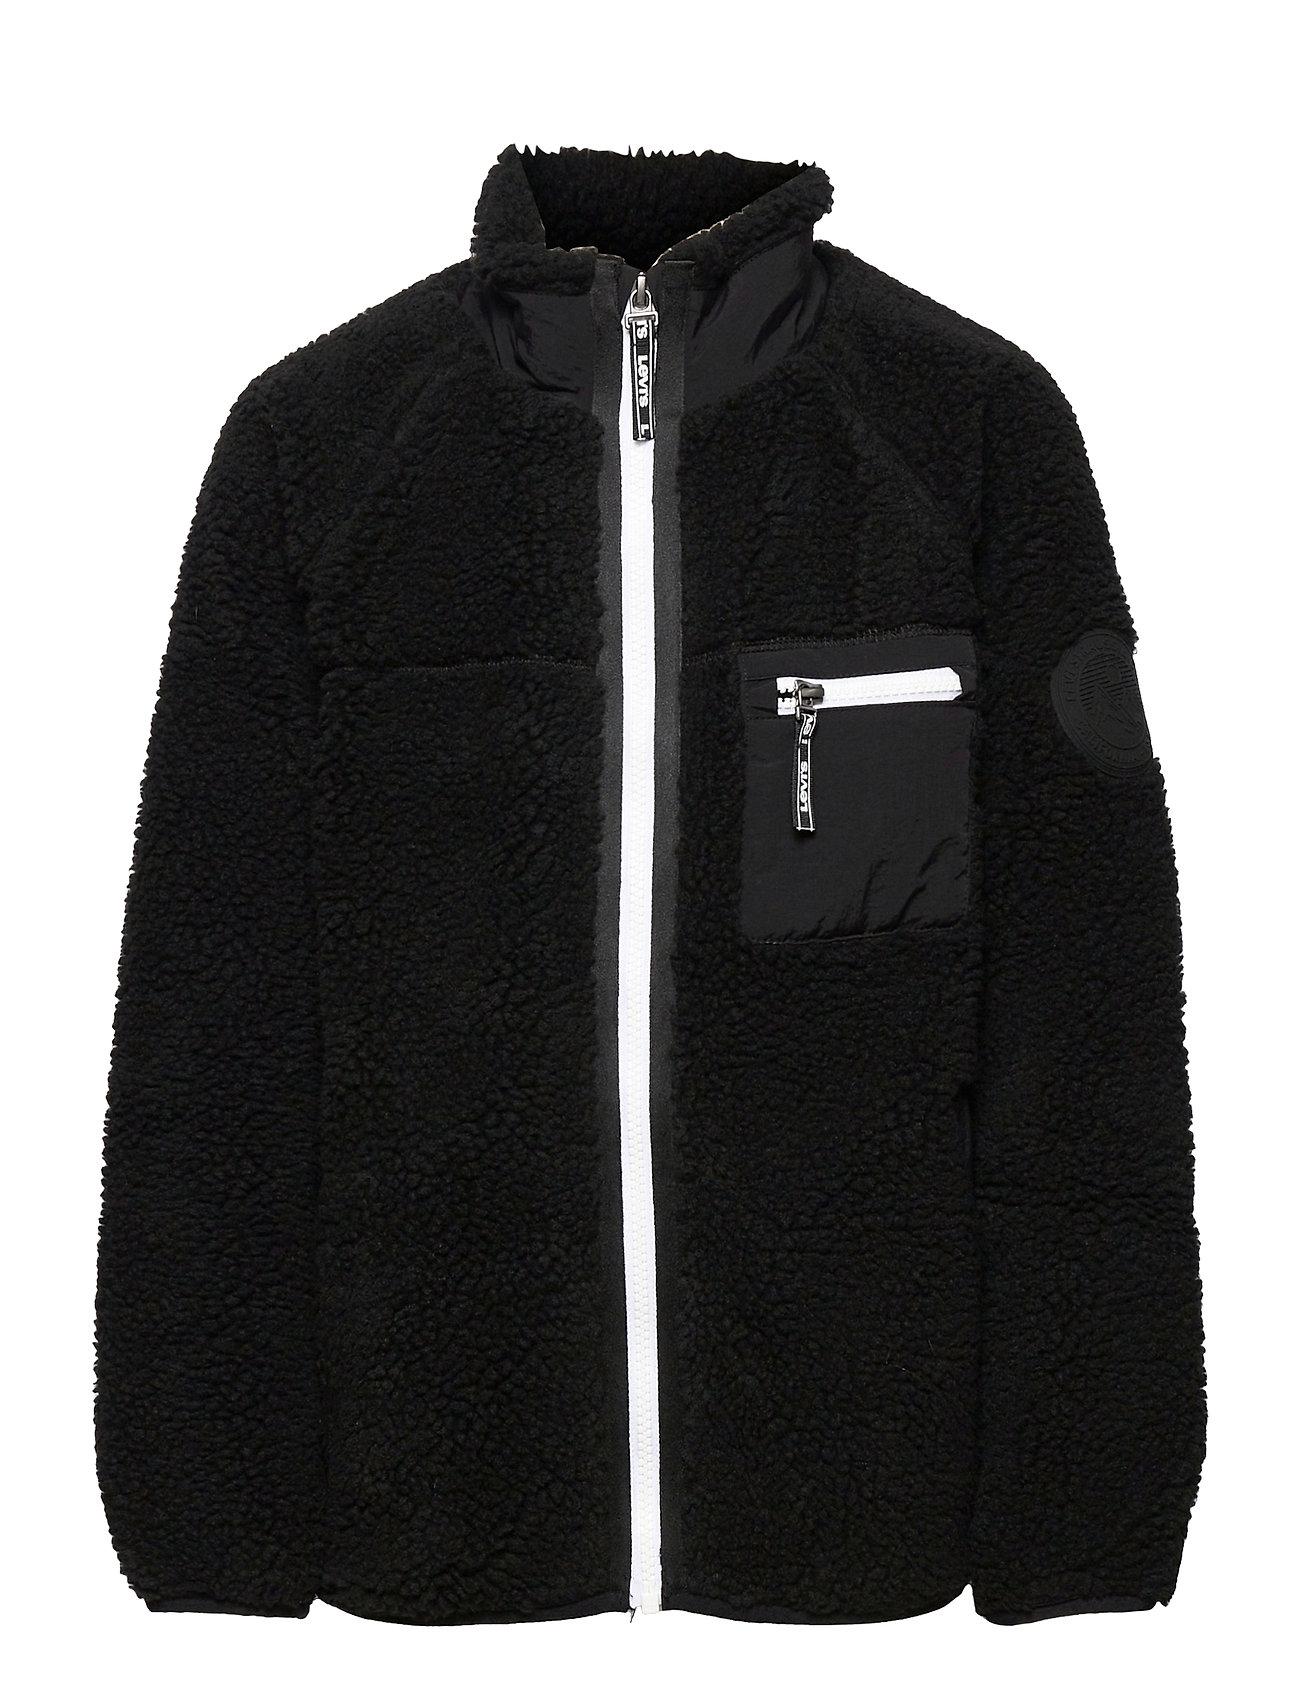 Lvb Sherpa Jacket Outerwear Fleece Outerwear Fleece Jackets Sort Levi's